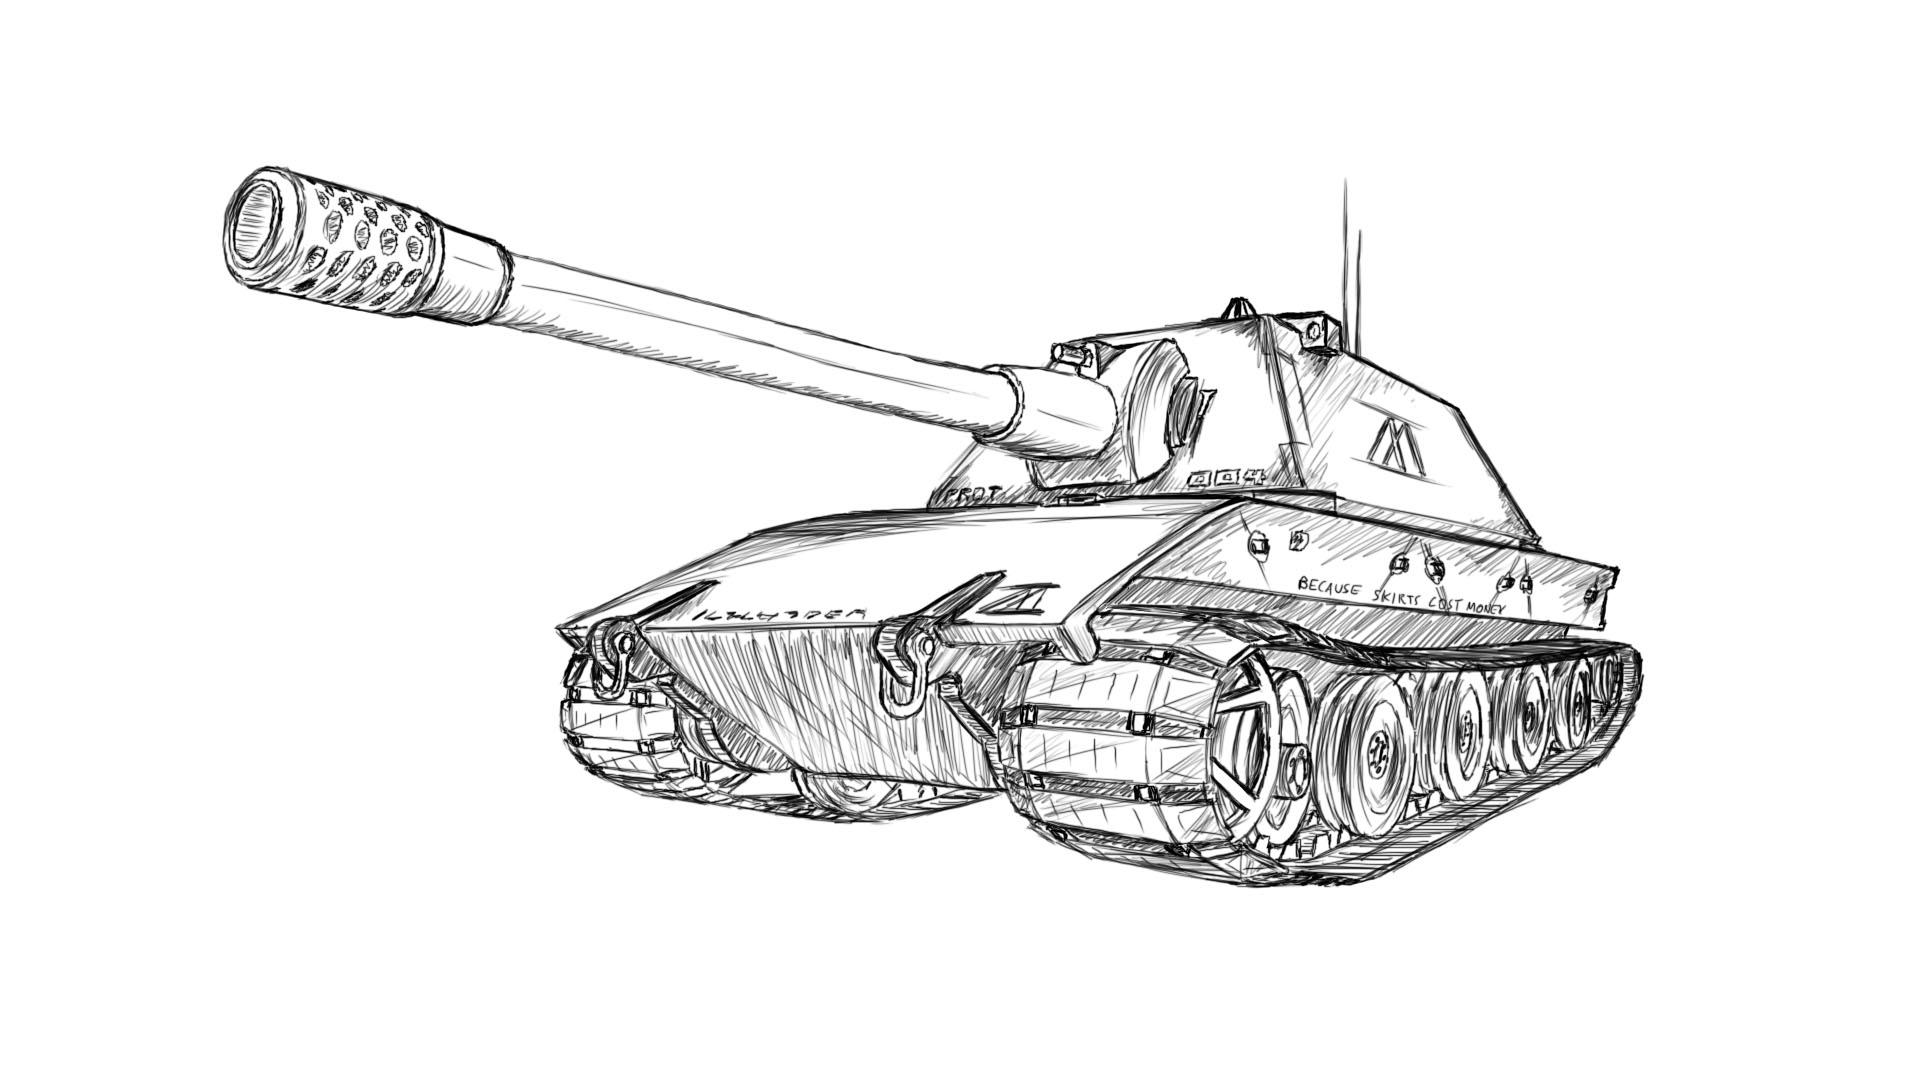 Drawn tank It bit good side I